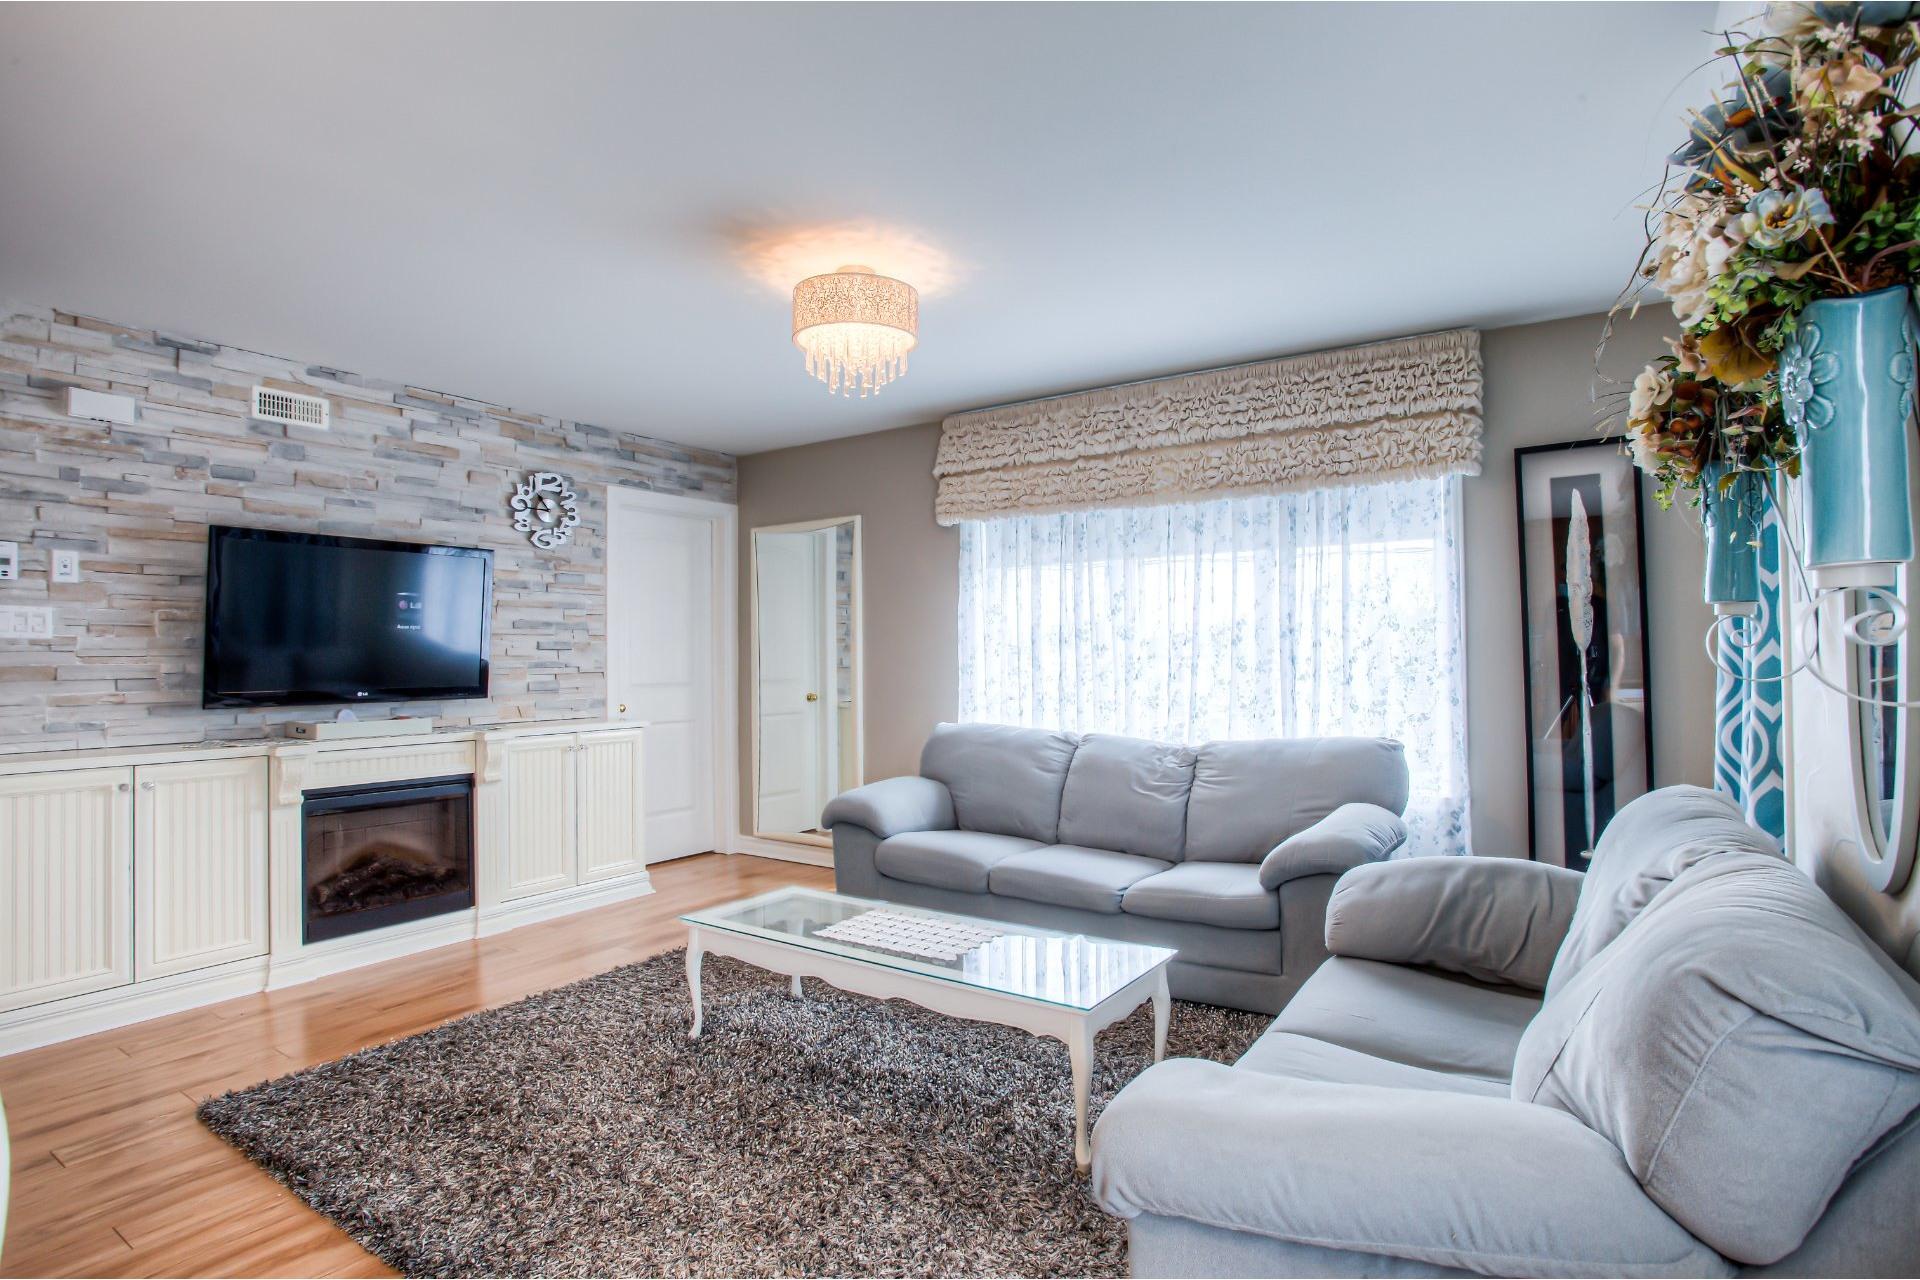 image 4 - Apartment For sale Pointe-des-Cascades - 6 rooms